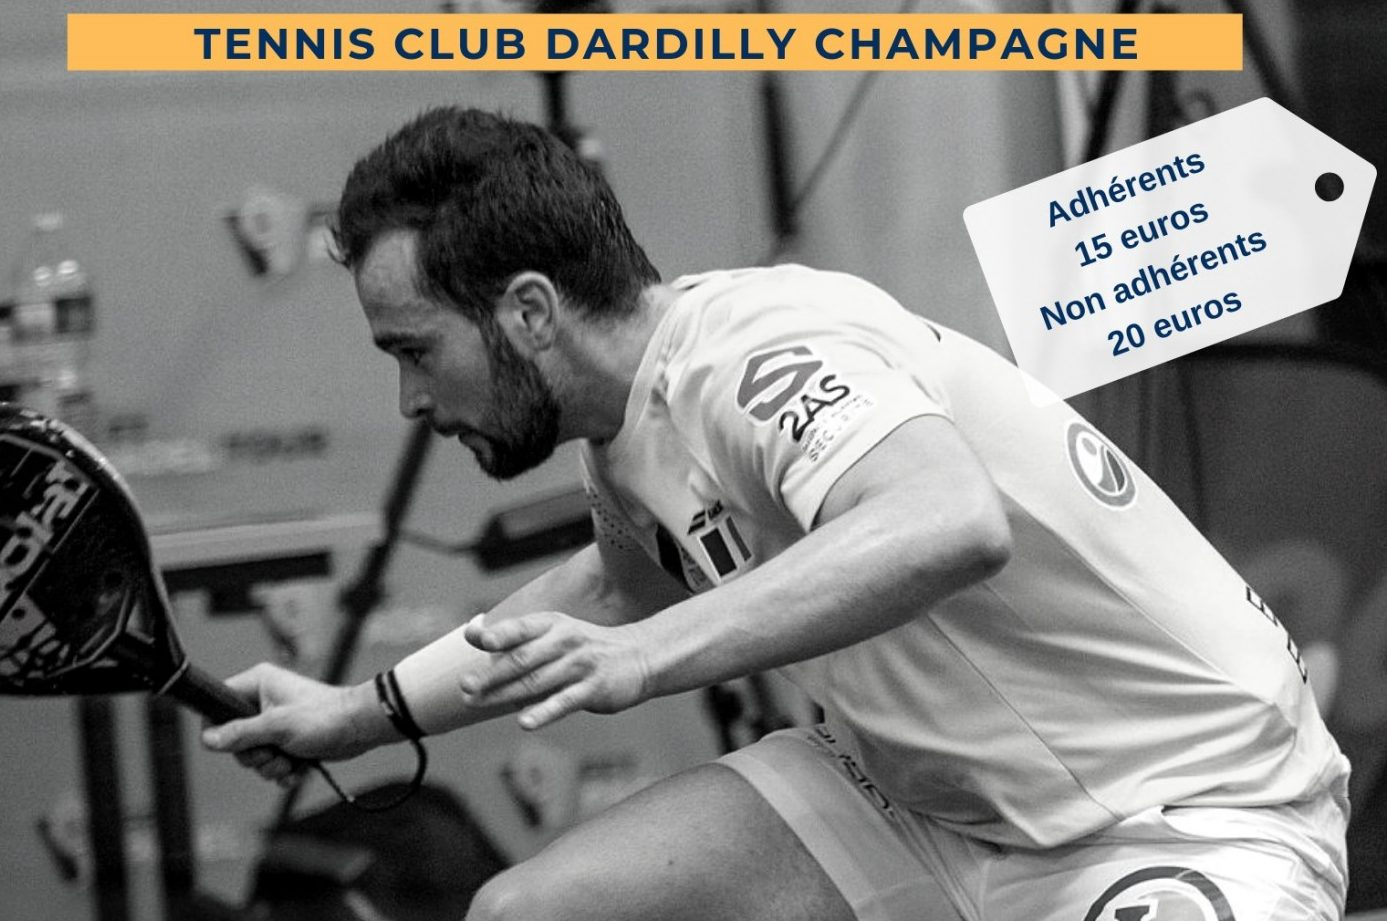 P100 Trans Mat Sud a luglio al TC Dardilly-Champagne